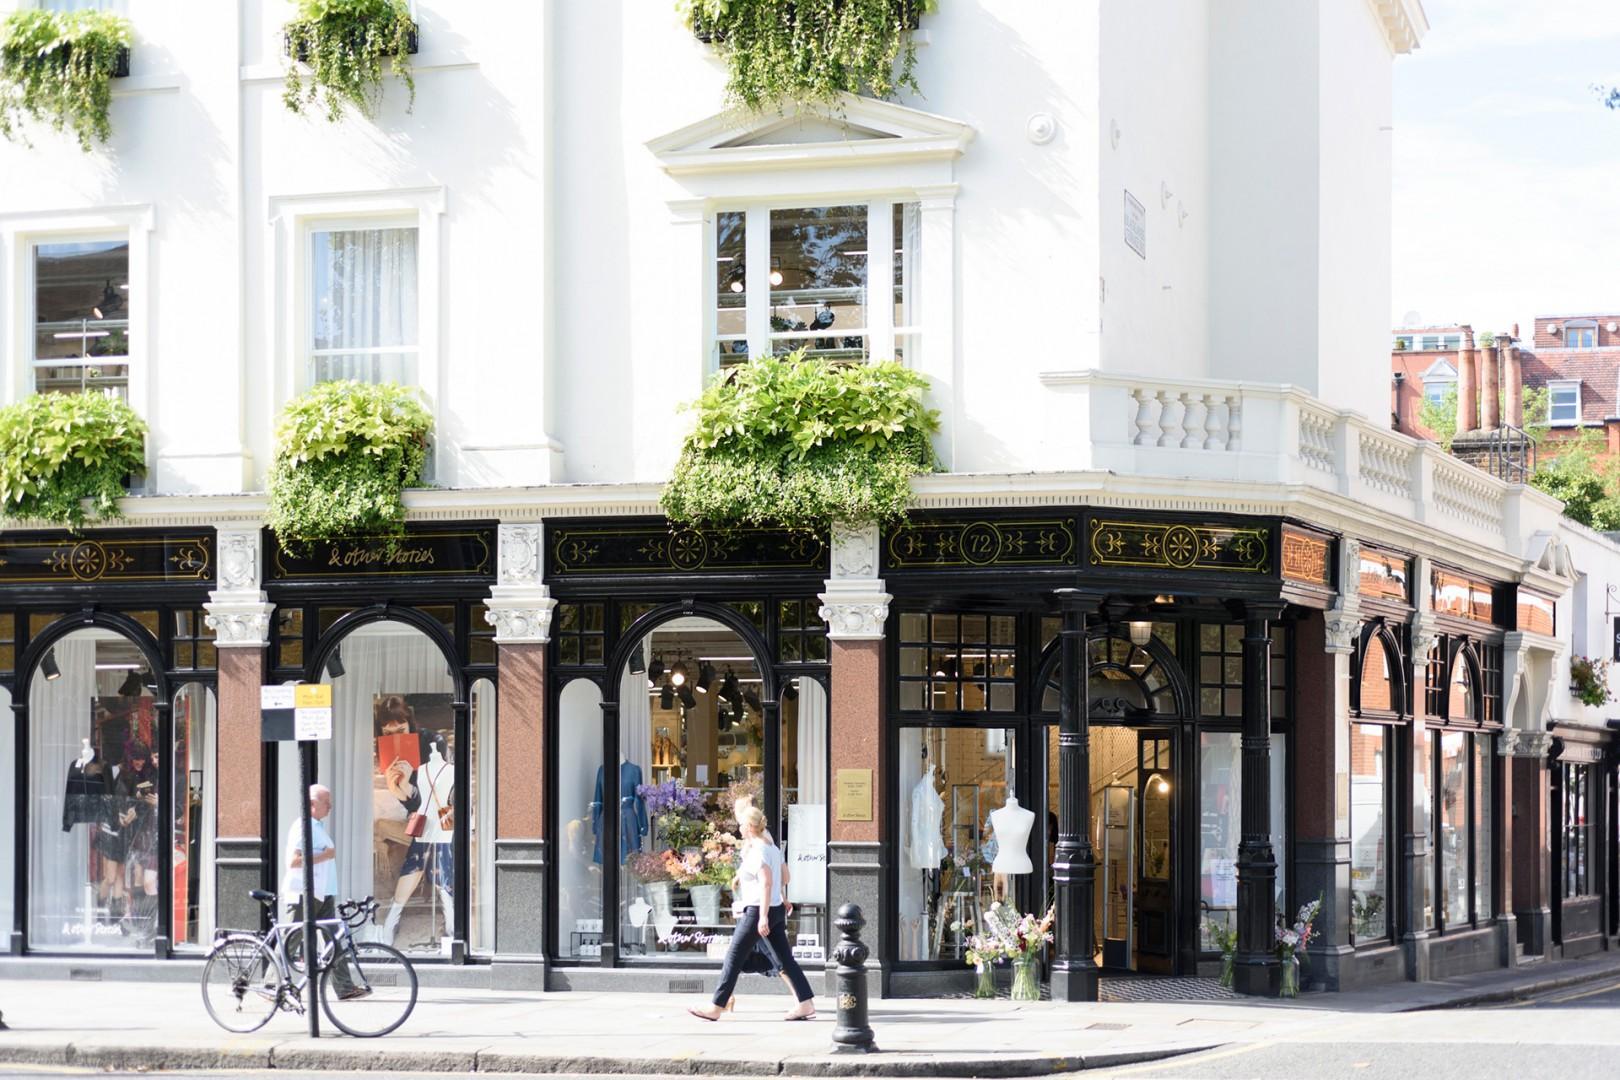 GL-chelsea-luxury-shops-london